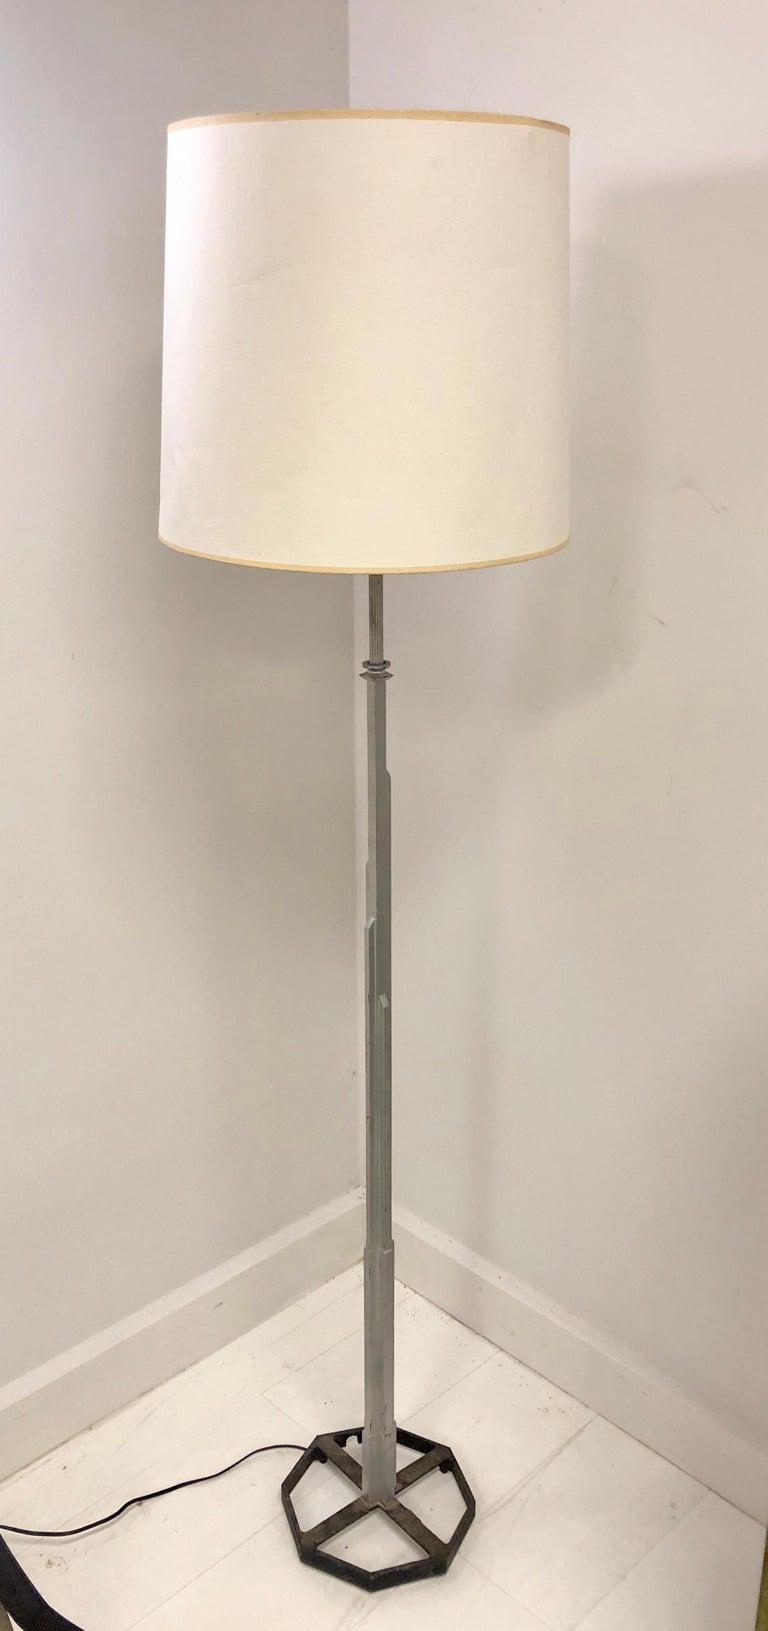 Silvered metal floor lamp, circa 1930. Measure: Base is 10